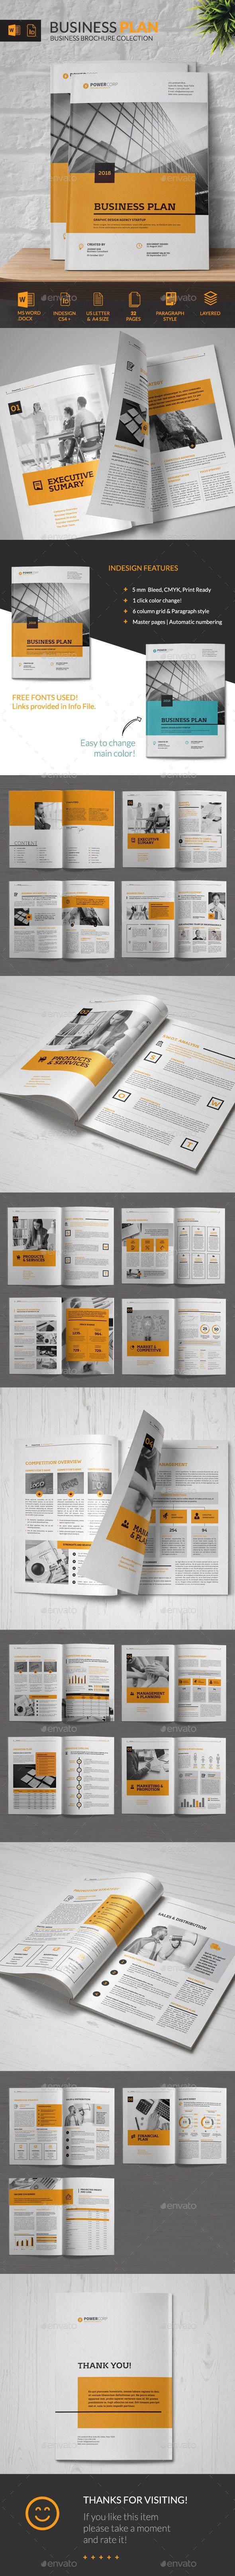 Business Plan | Publicitaria y Revistas